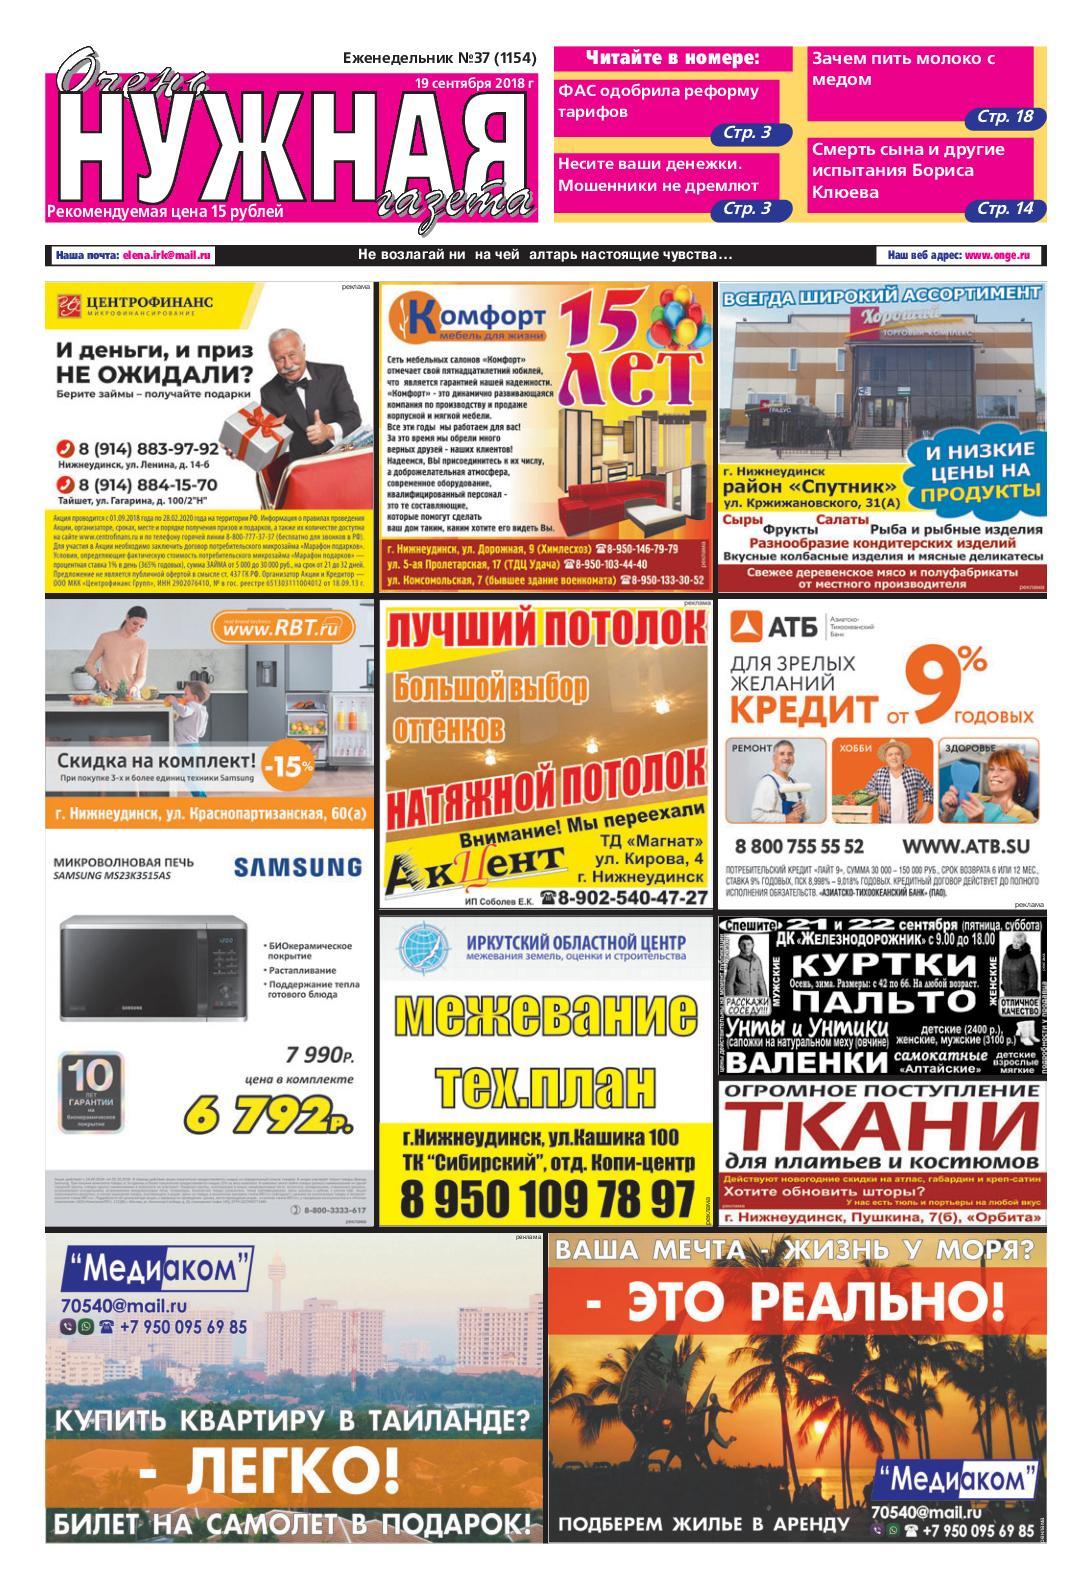 Кредит автострой банк москва